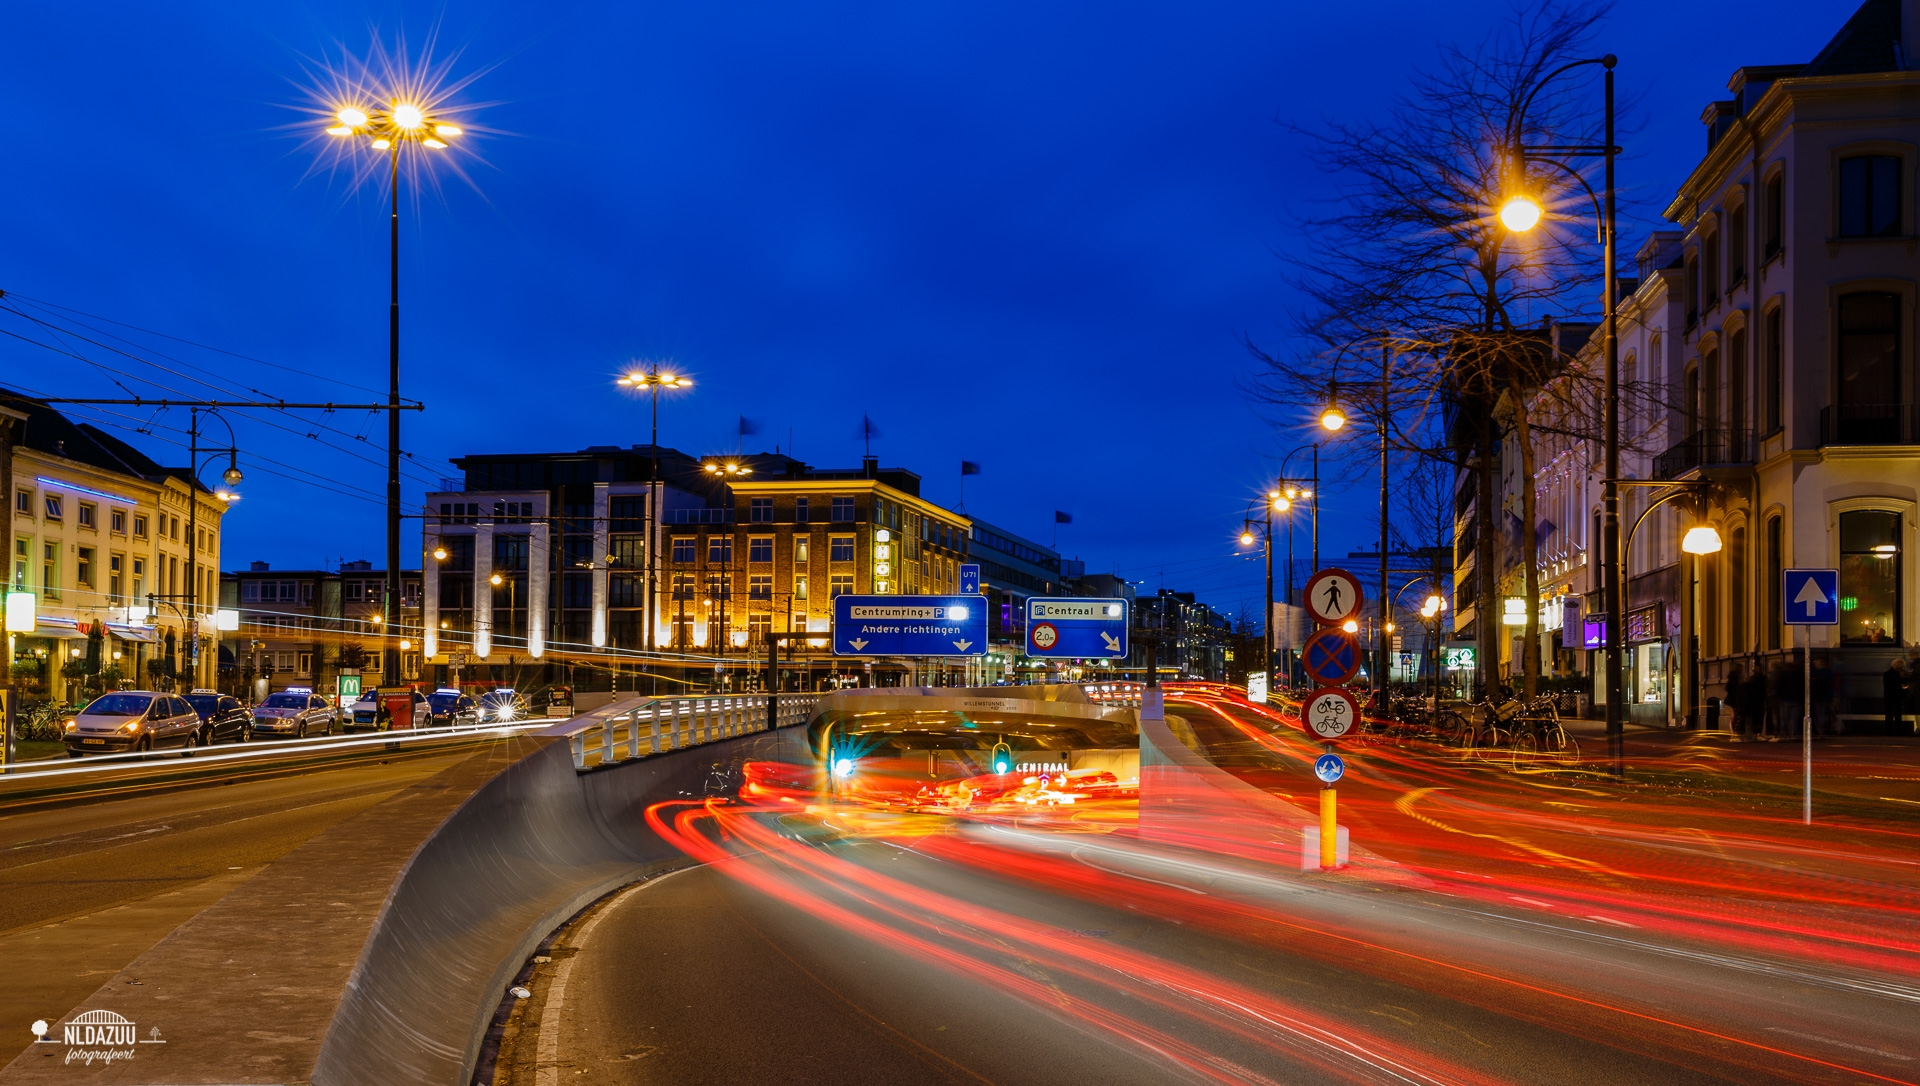 Willemstunnel Arnhem